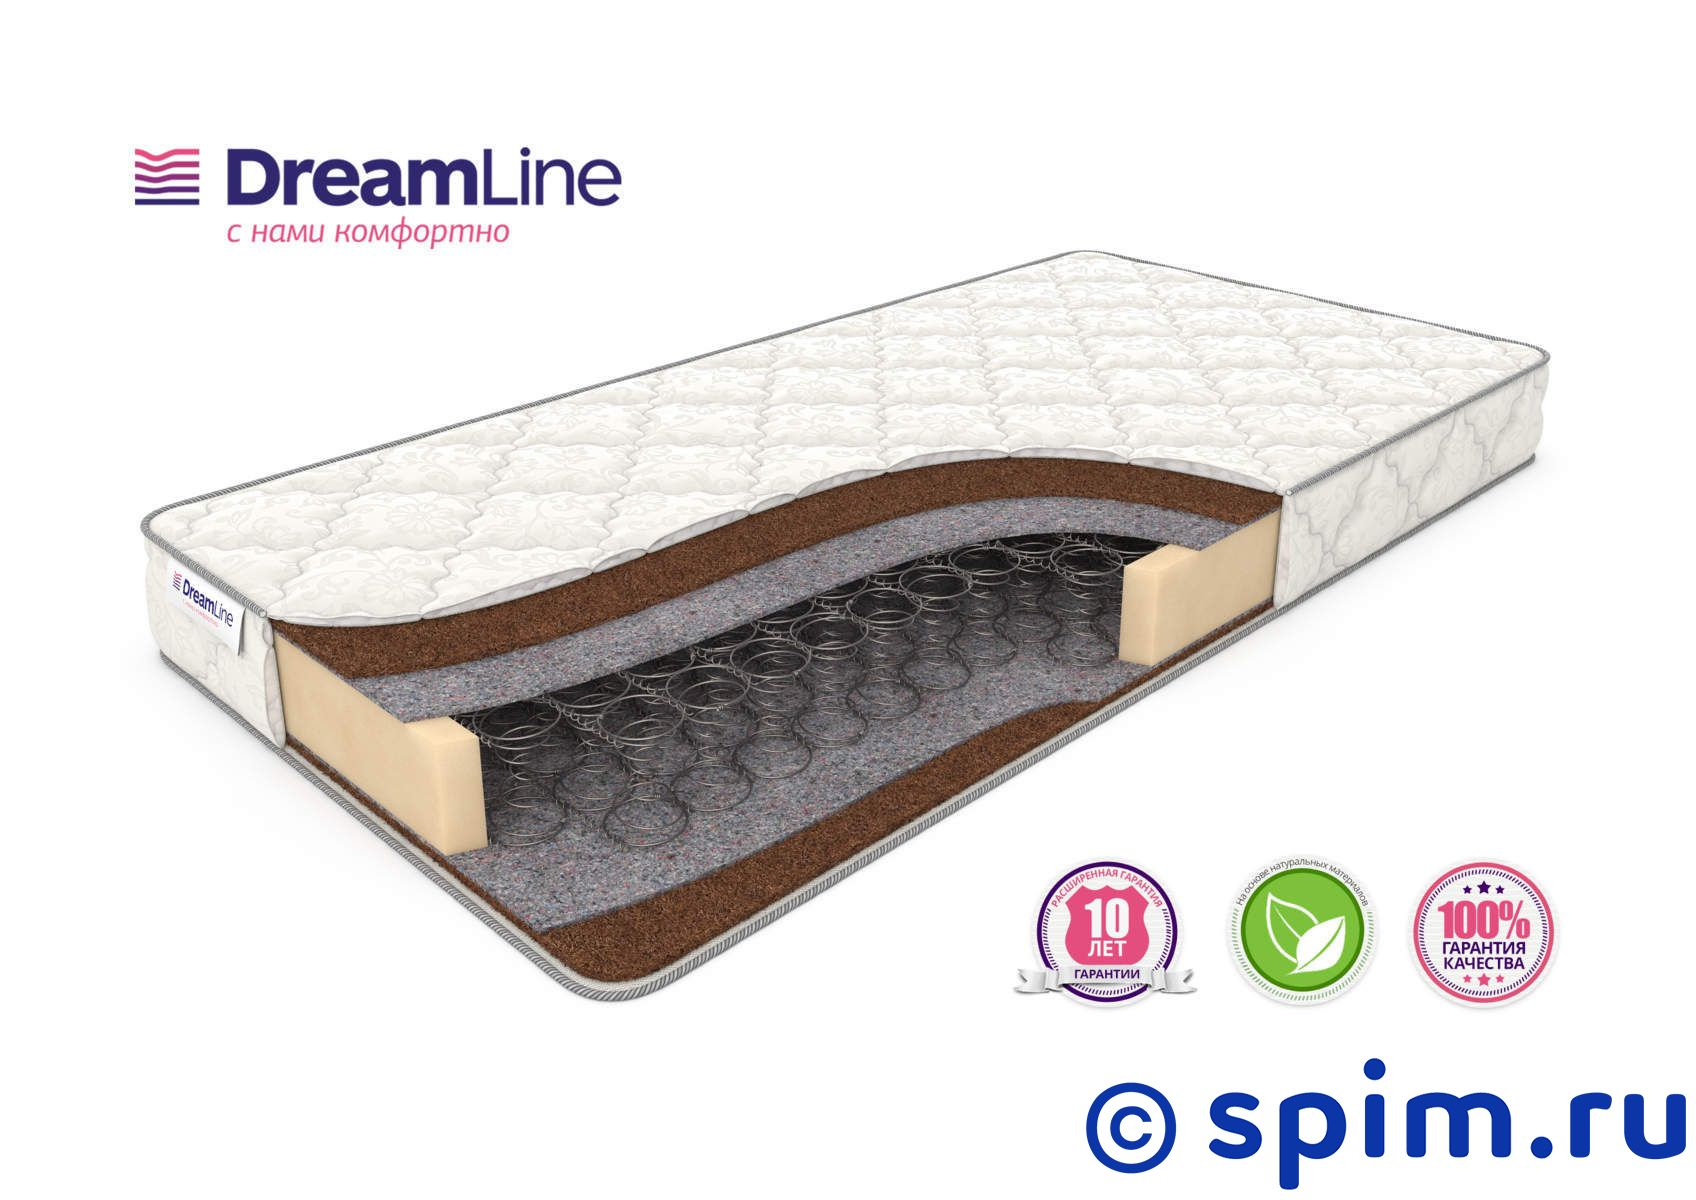 Матрас DreamLine Dream 1 Bonnell 150х195 см  матрас dreamline memory dream s 1000 90x190